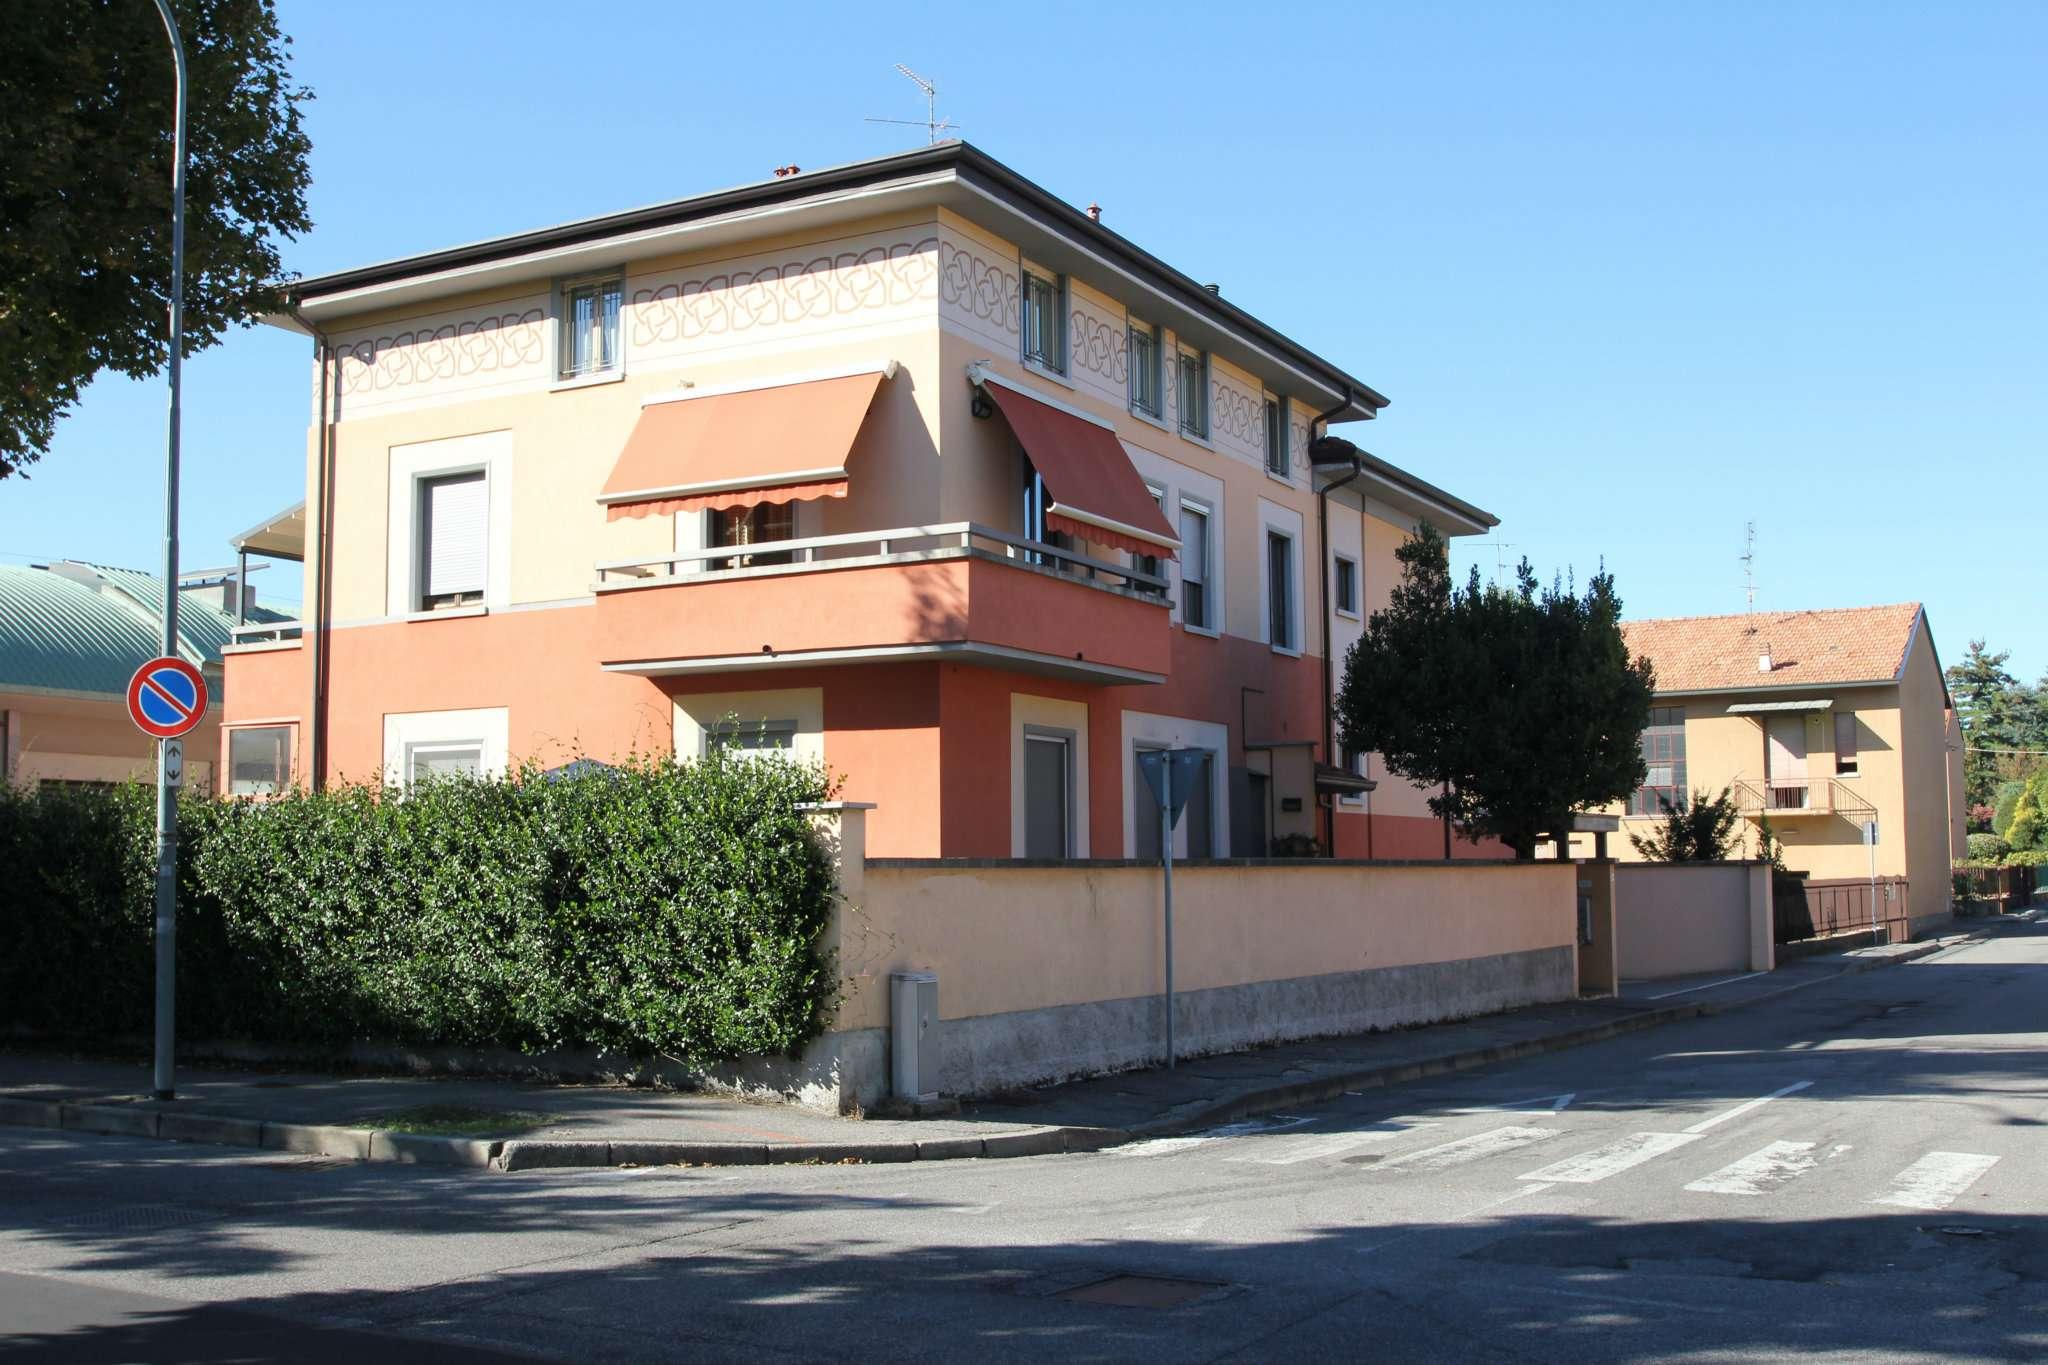 Bilocale Vimercate Via Puccini 1